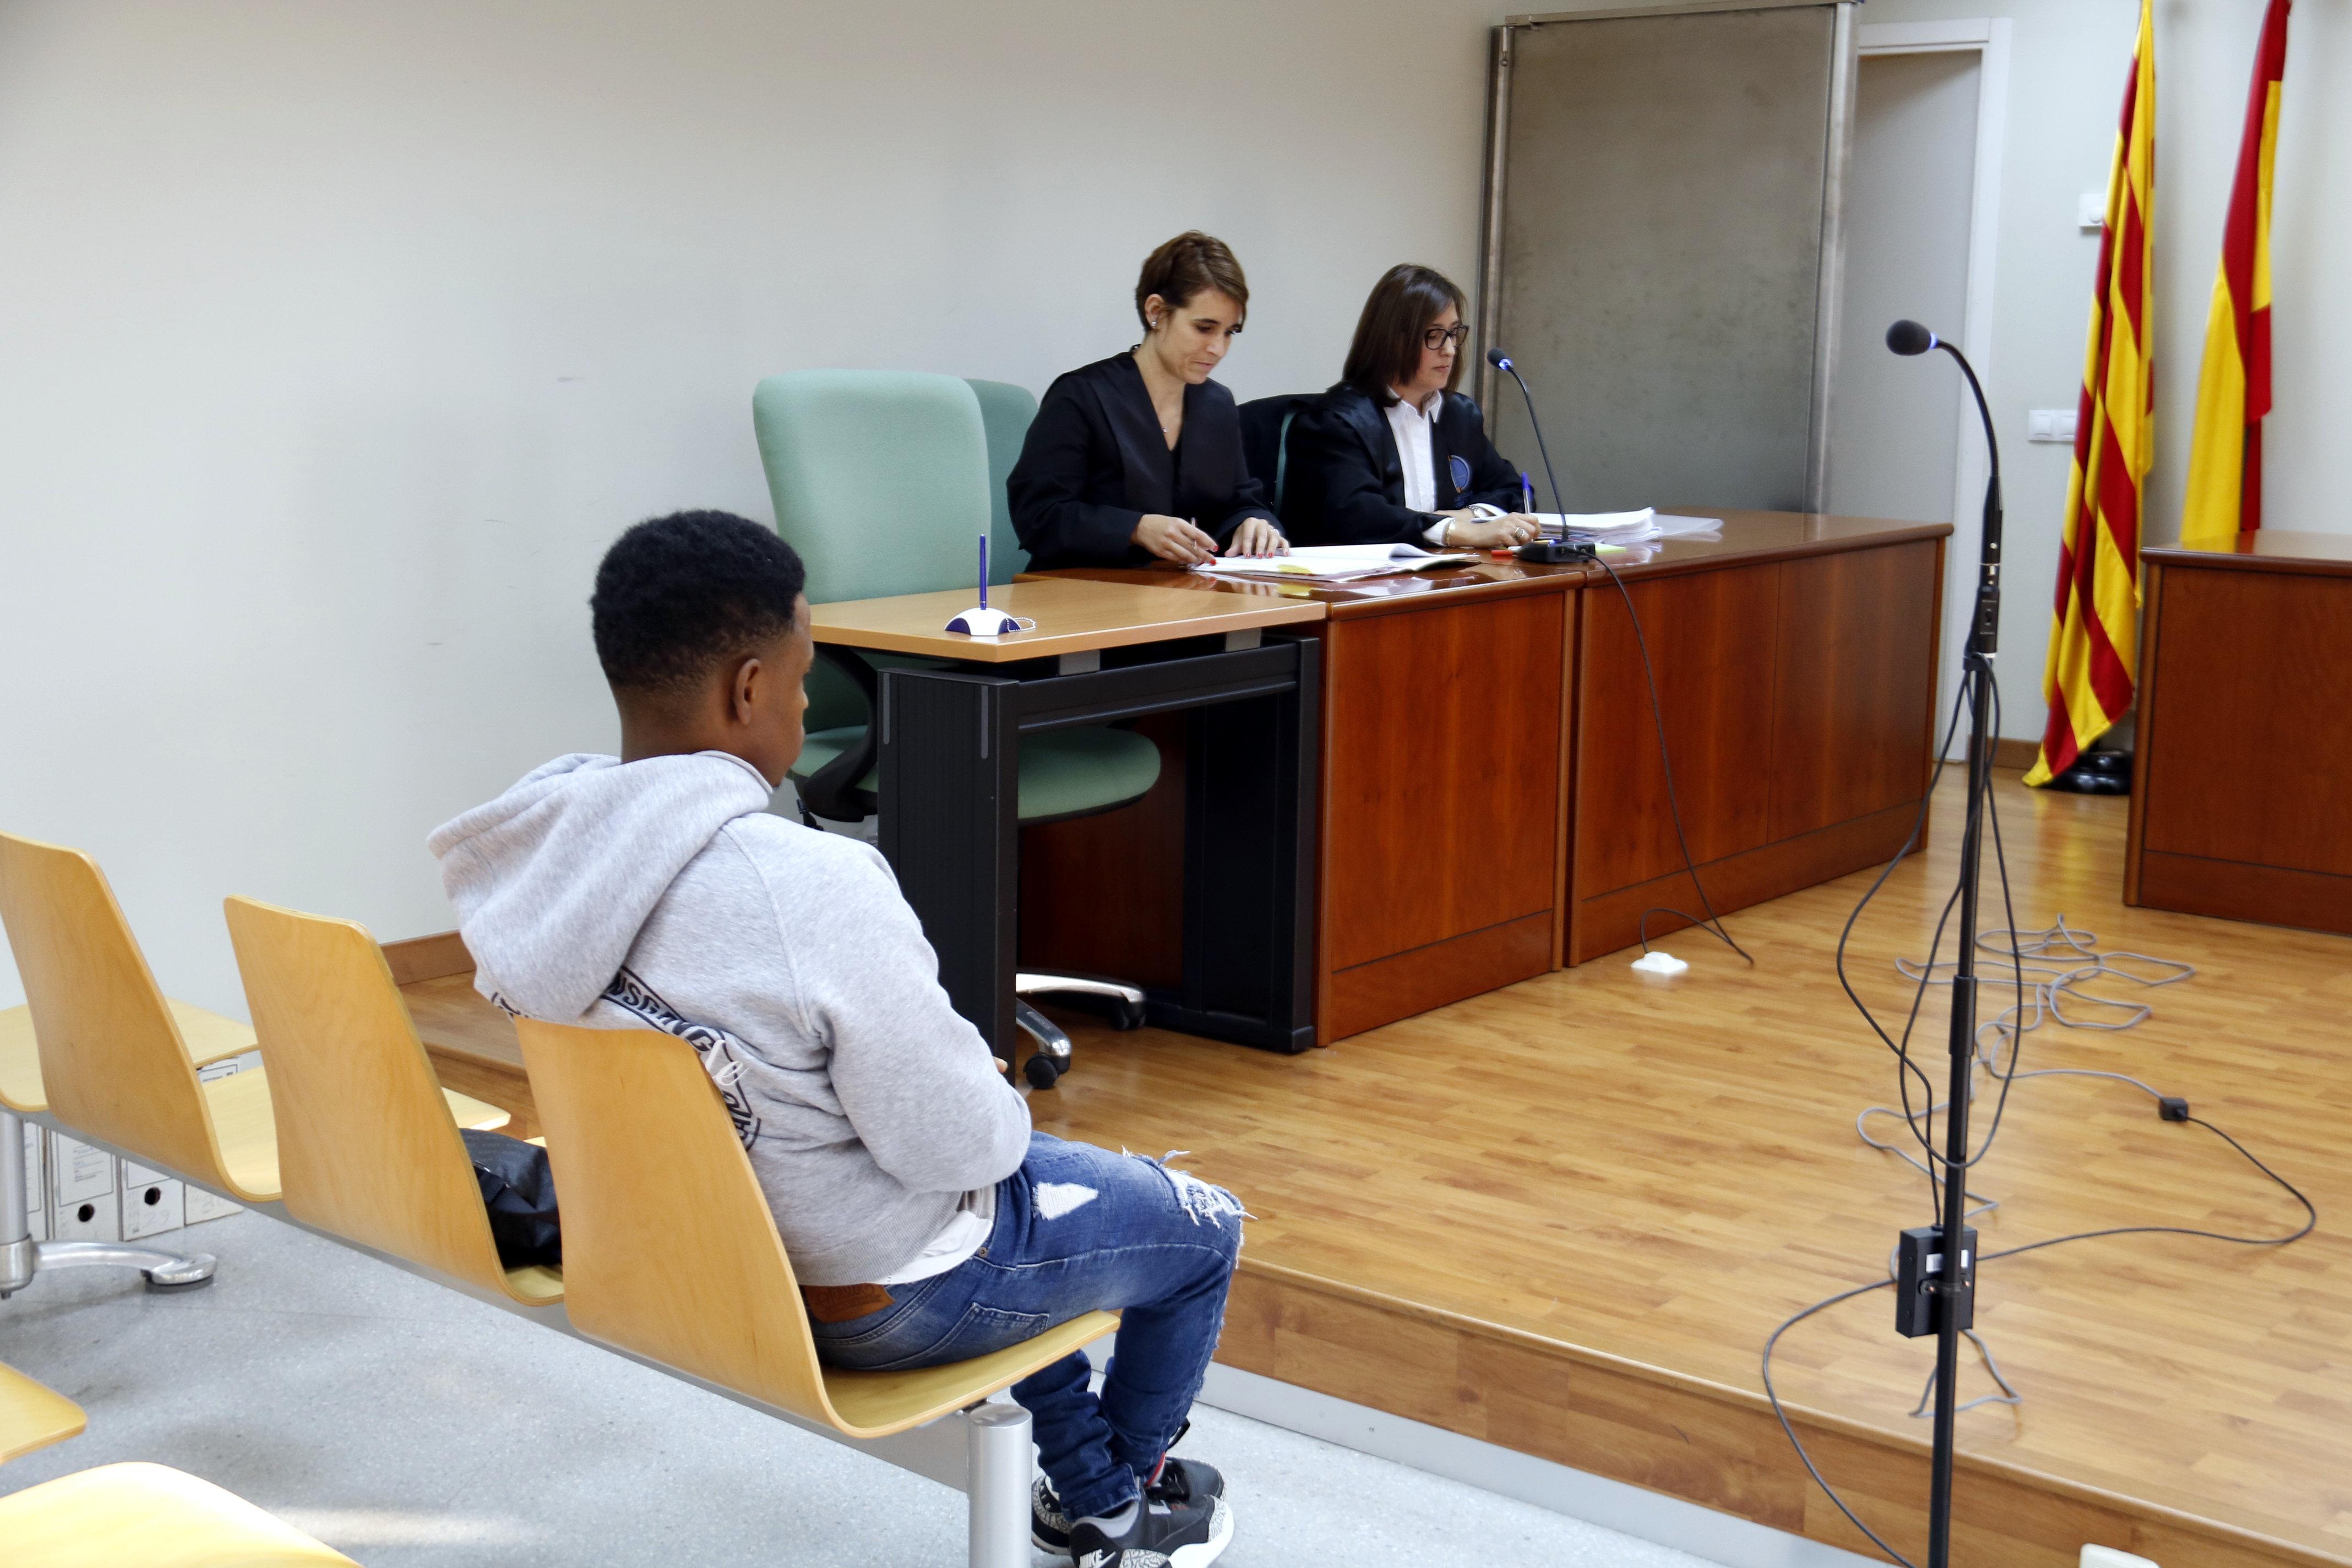 L'Audiència de Lleida confirma 16 anys de presó per al veí de Bellpuig acusat de maltractar i abusar dels seus cinc germans